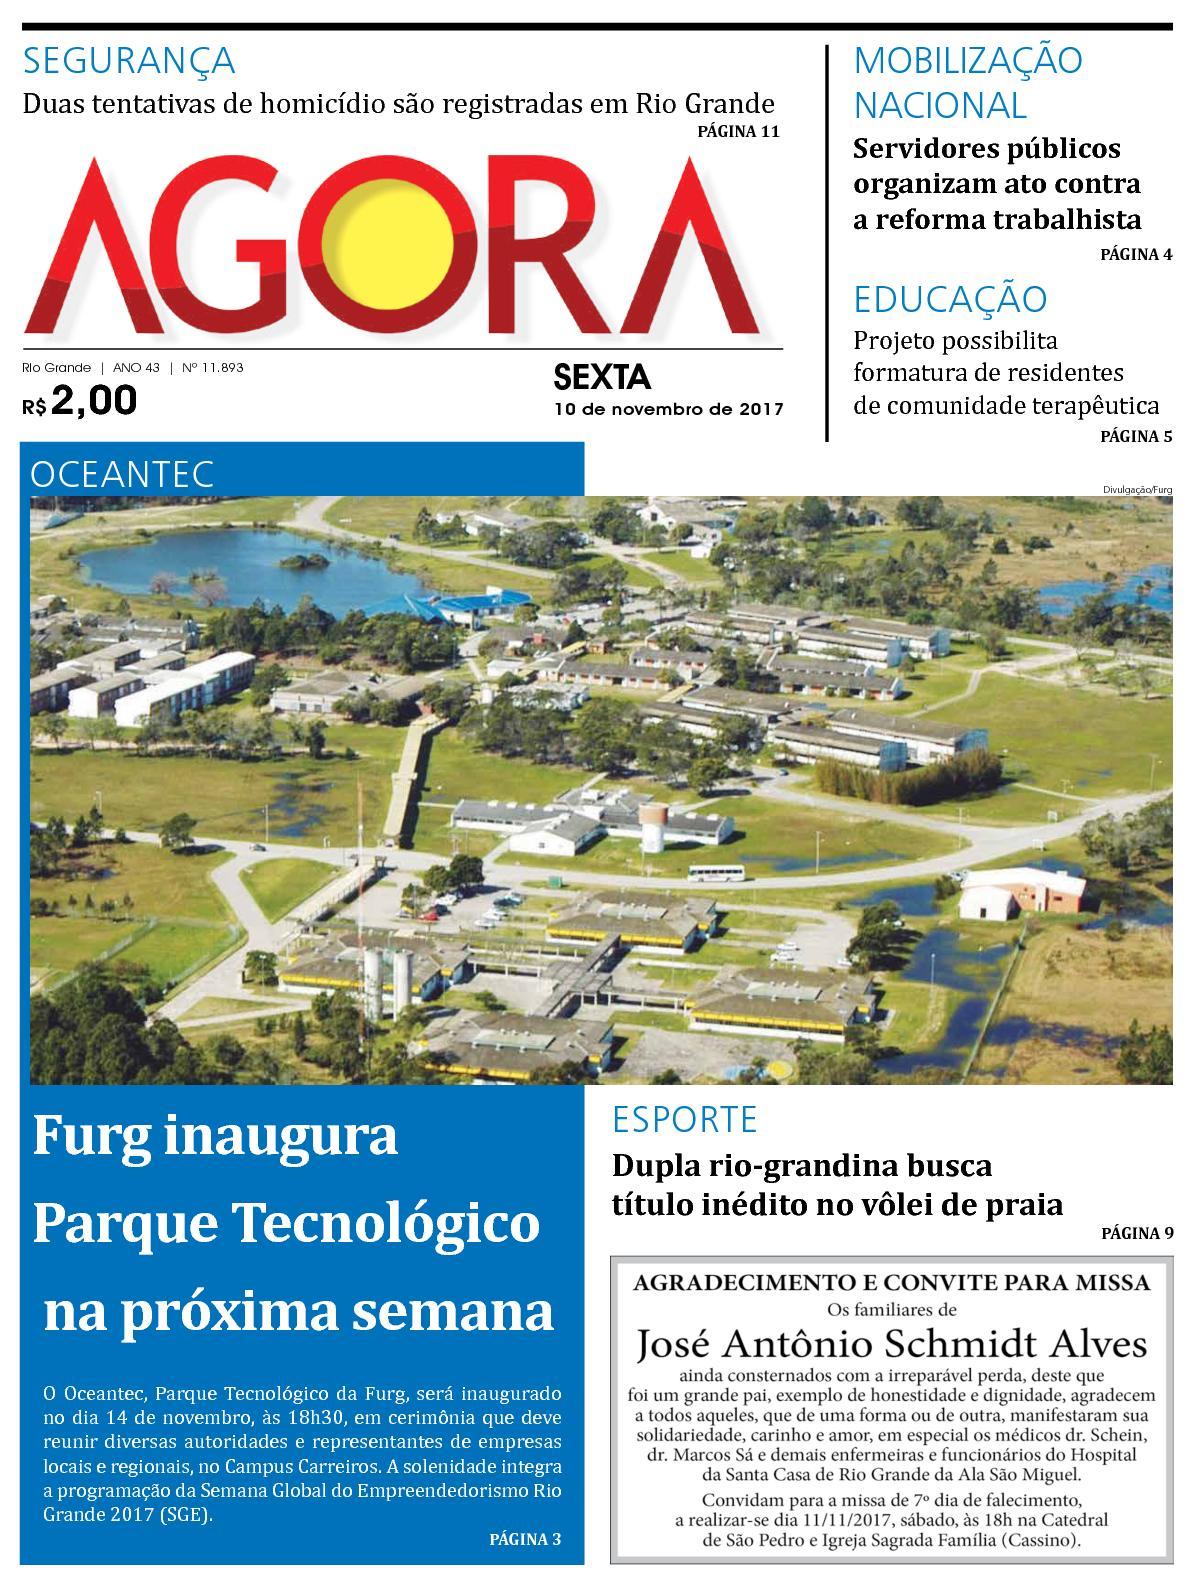 f6b1e8587 Calaméo - Jornal Agora - Edição 11893 - 10 de Novembro de 2017